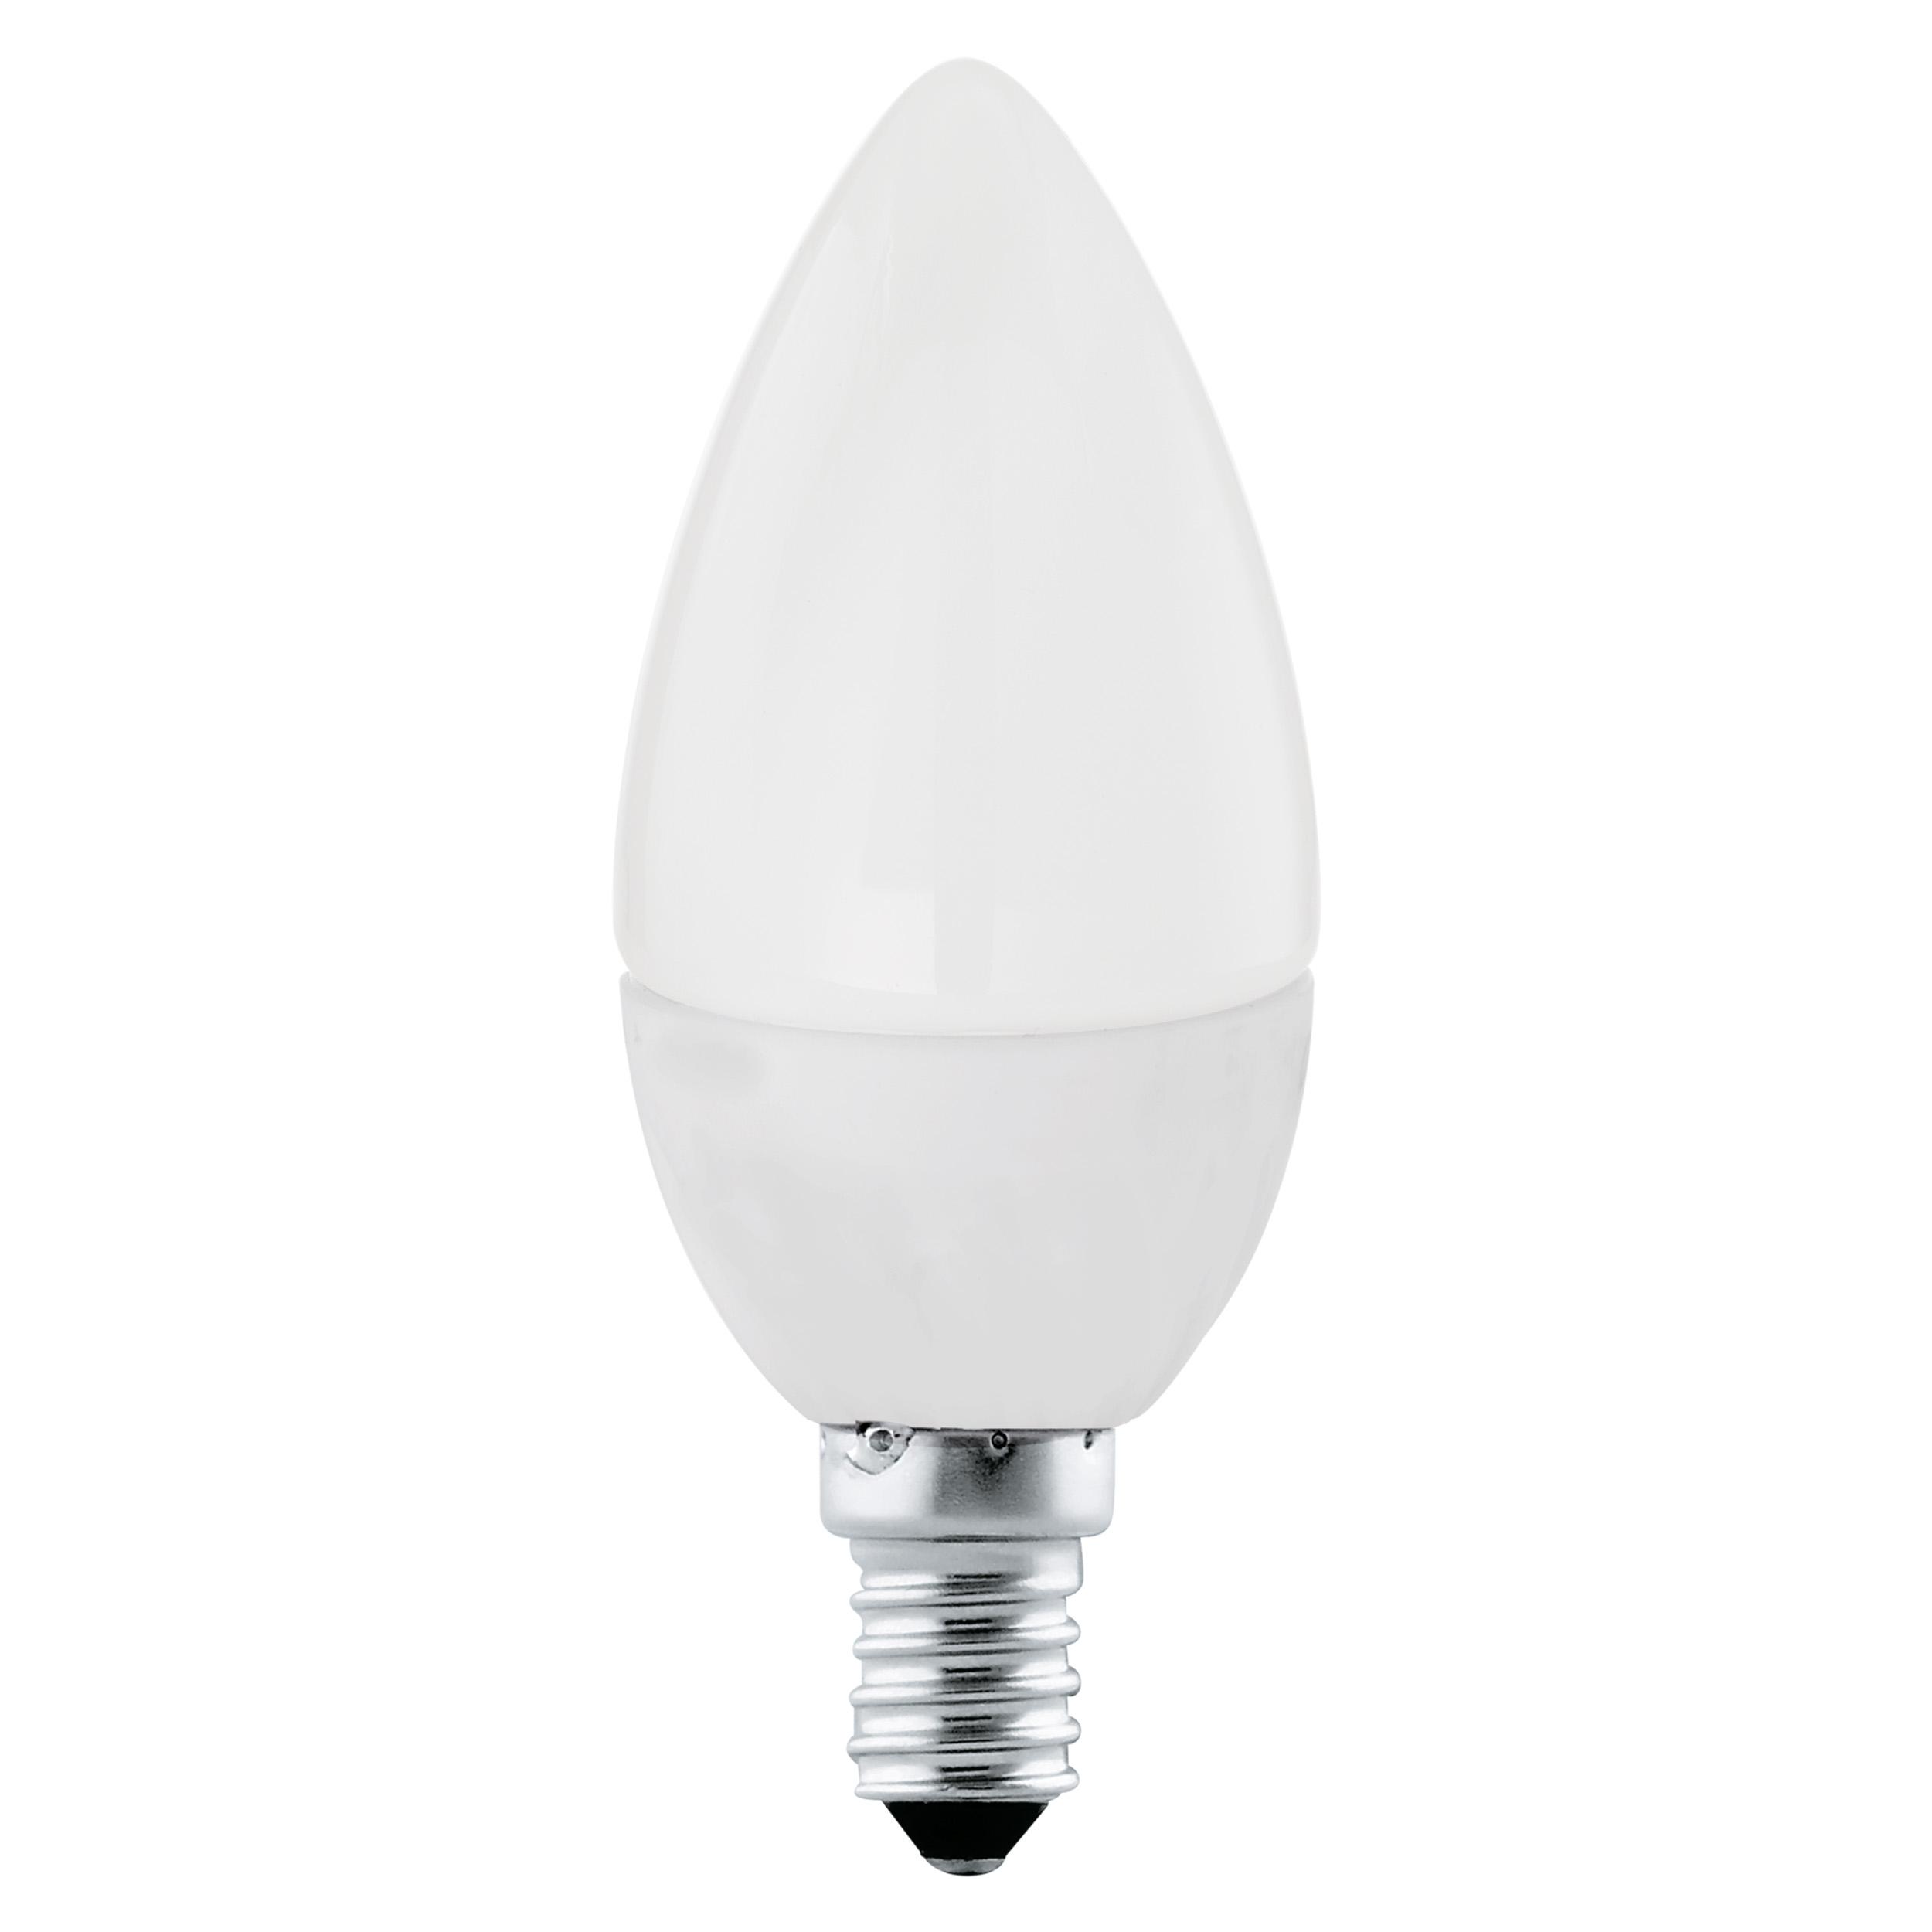 1 Stk E14-LED-C37 4W / Kerze 4000  LI69183---